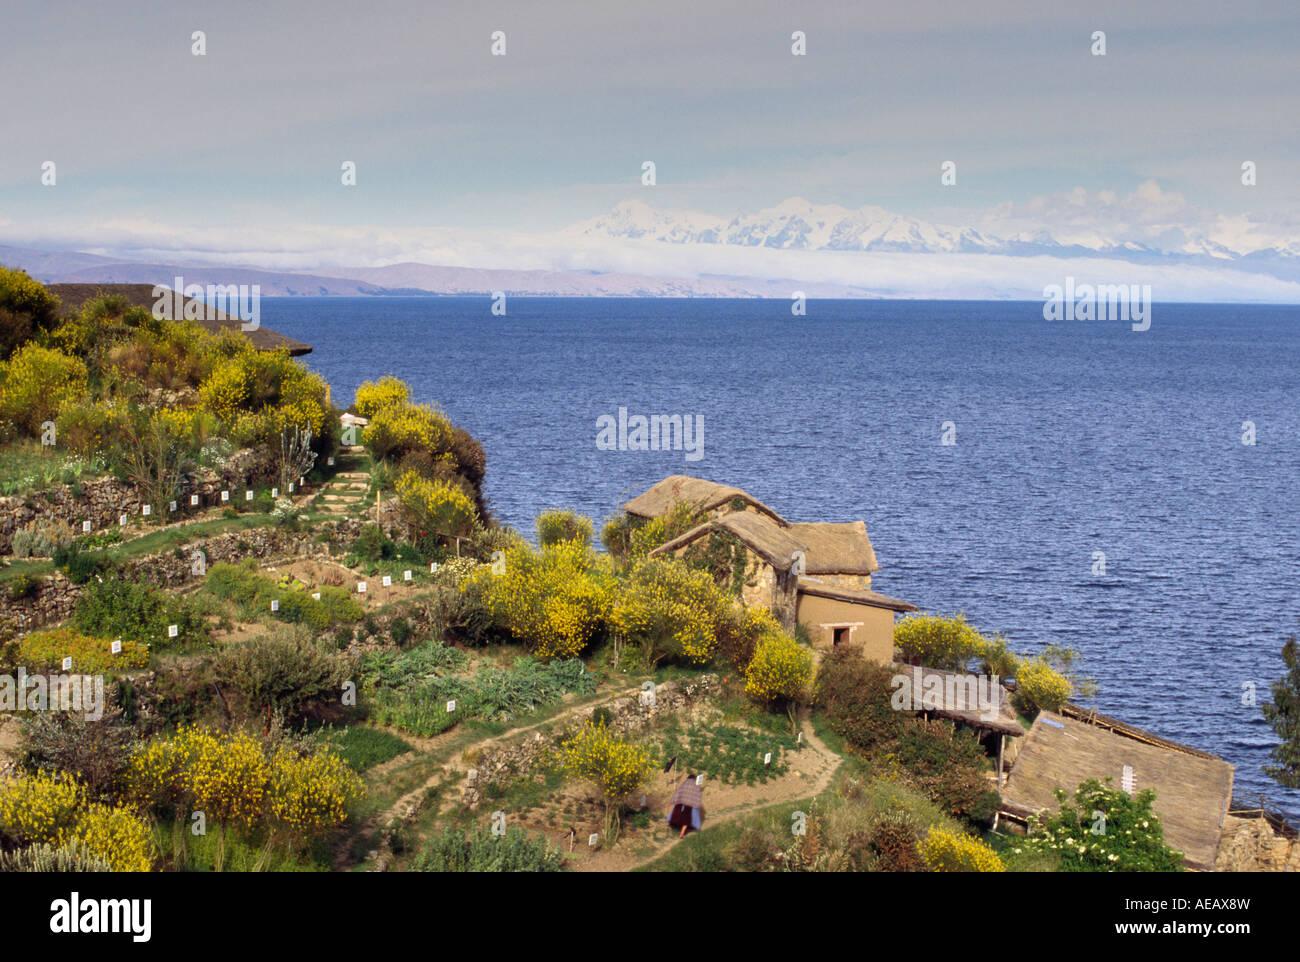 Yumani - Isla del Sol, Lake Titicaca, BOLIVIA - Stock Image